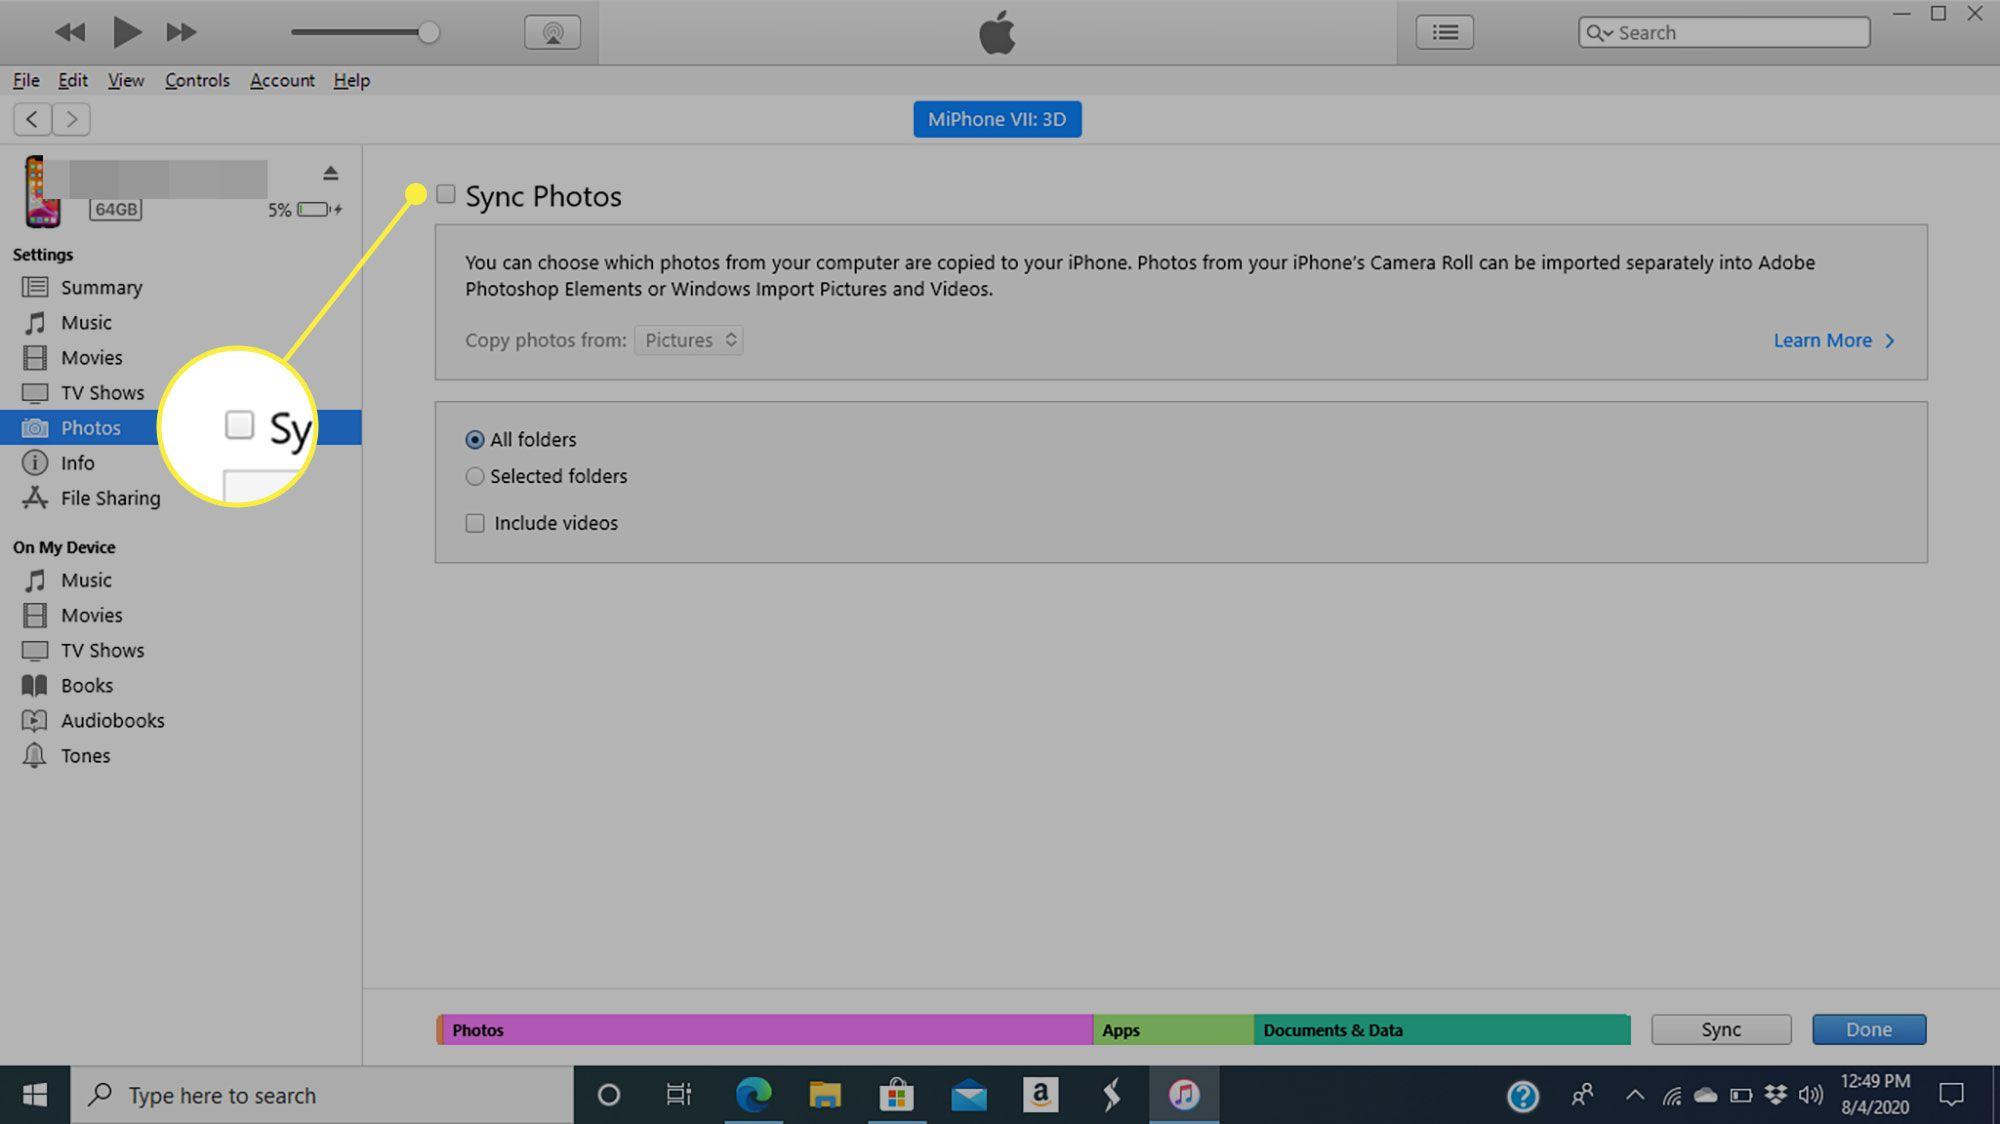 The Sync Photos command